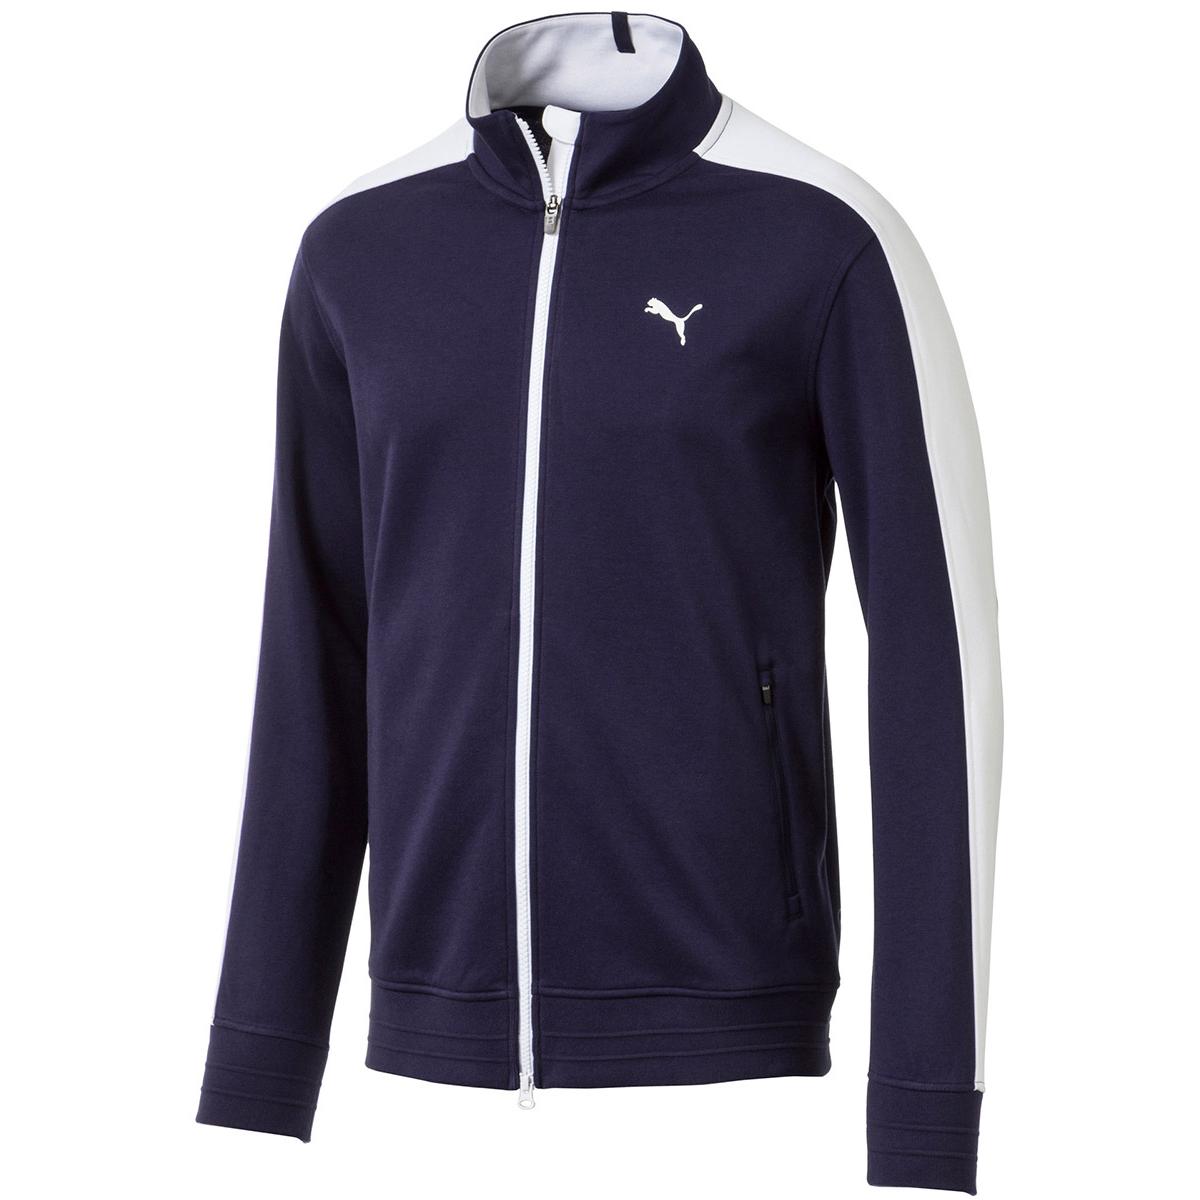 PUMA Golf T7 Track Jacket from american golf e6efa7b408